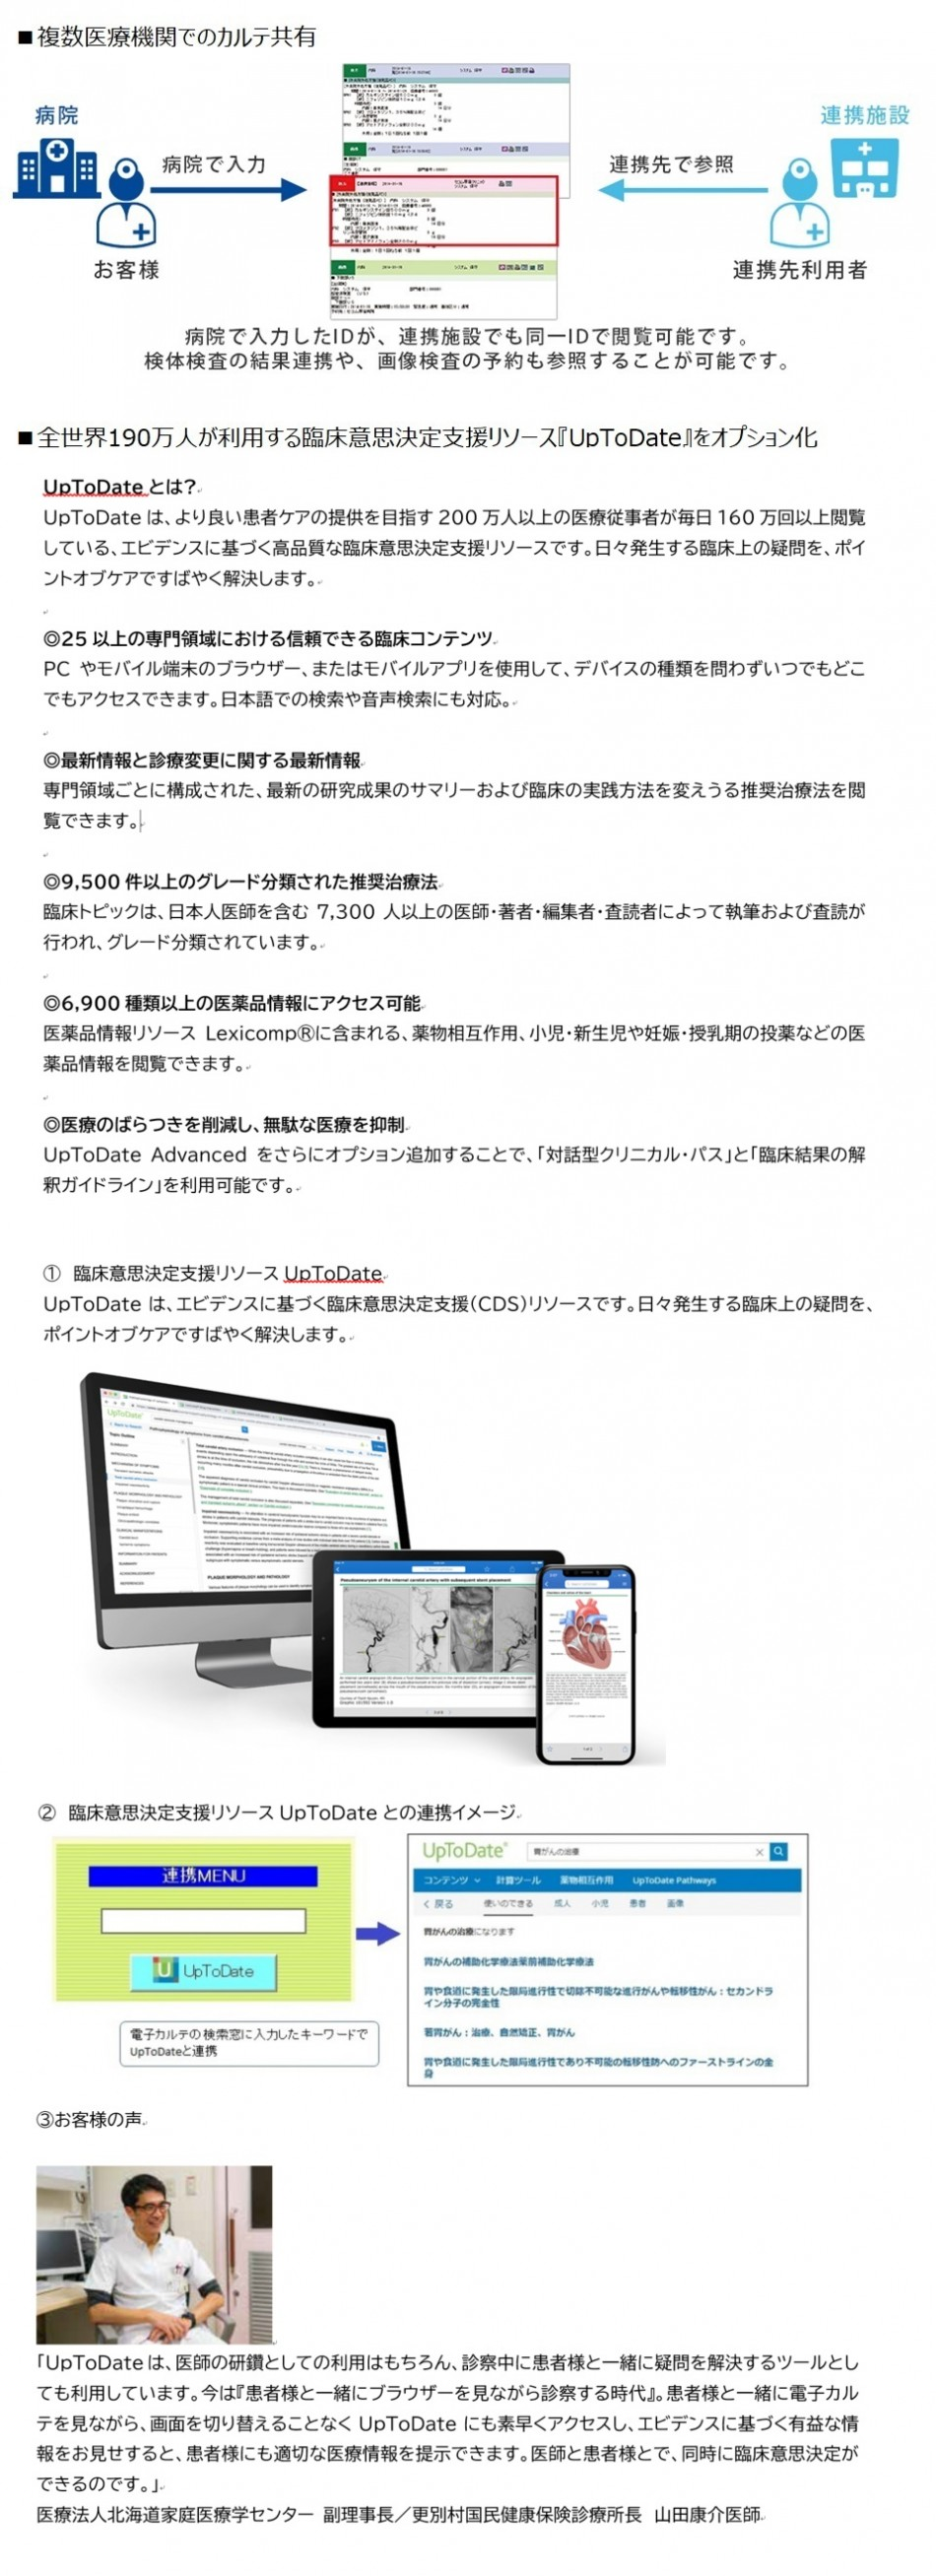 『セコム・ユビキタス電子カルテ』製品詳細3